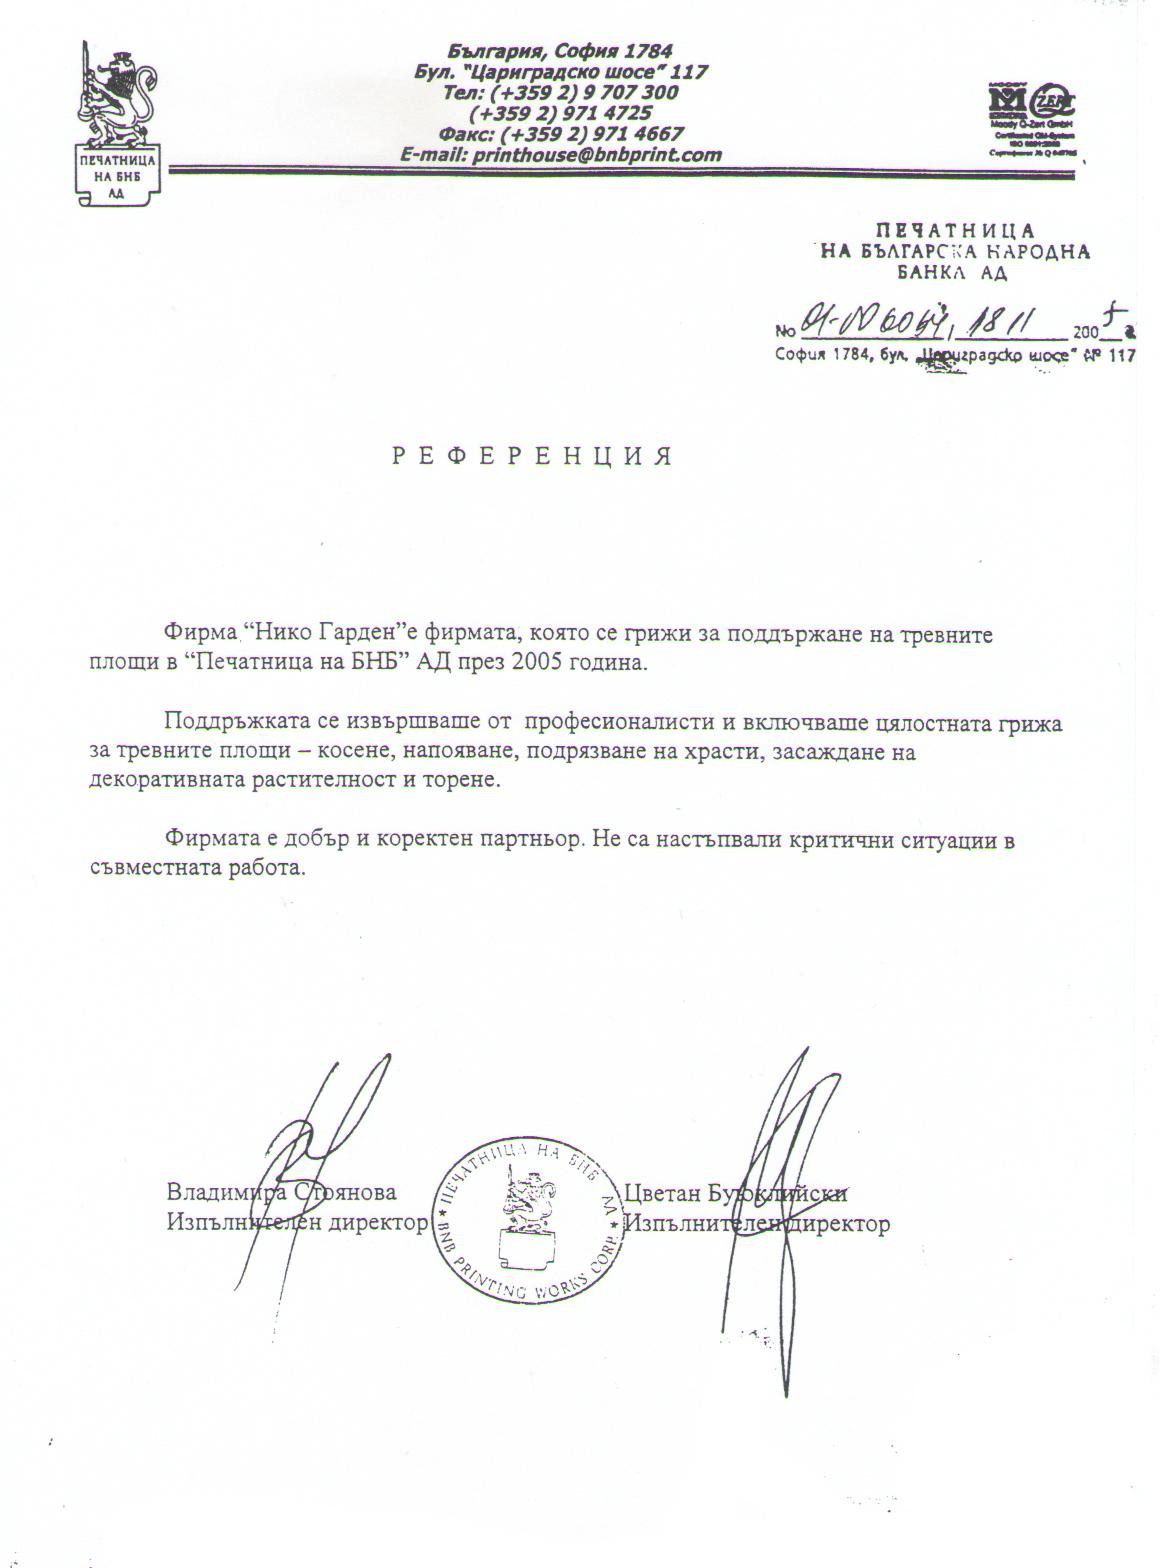 """Референция за озеленяване от """"Печатница на БНБ"""""""